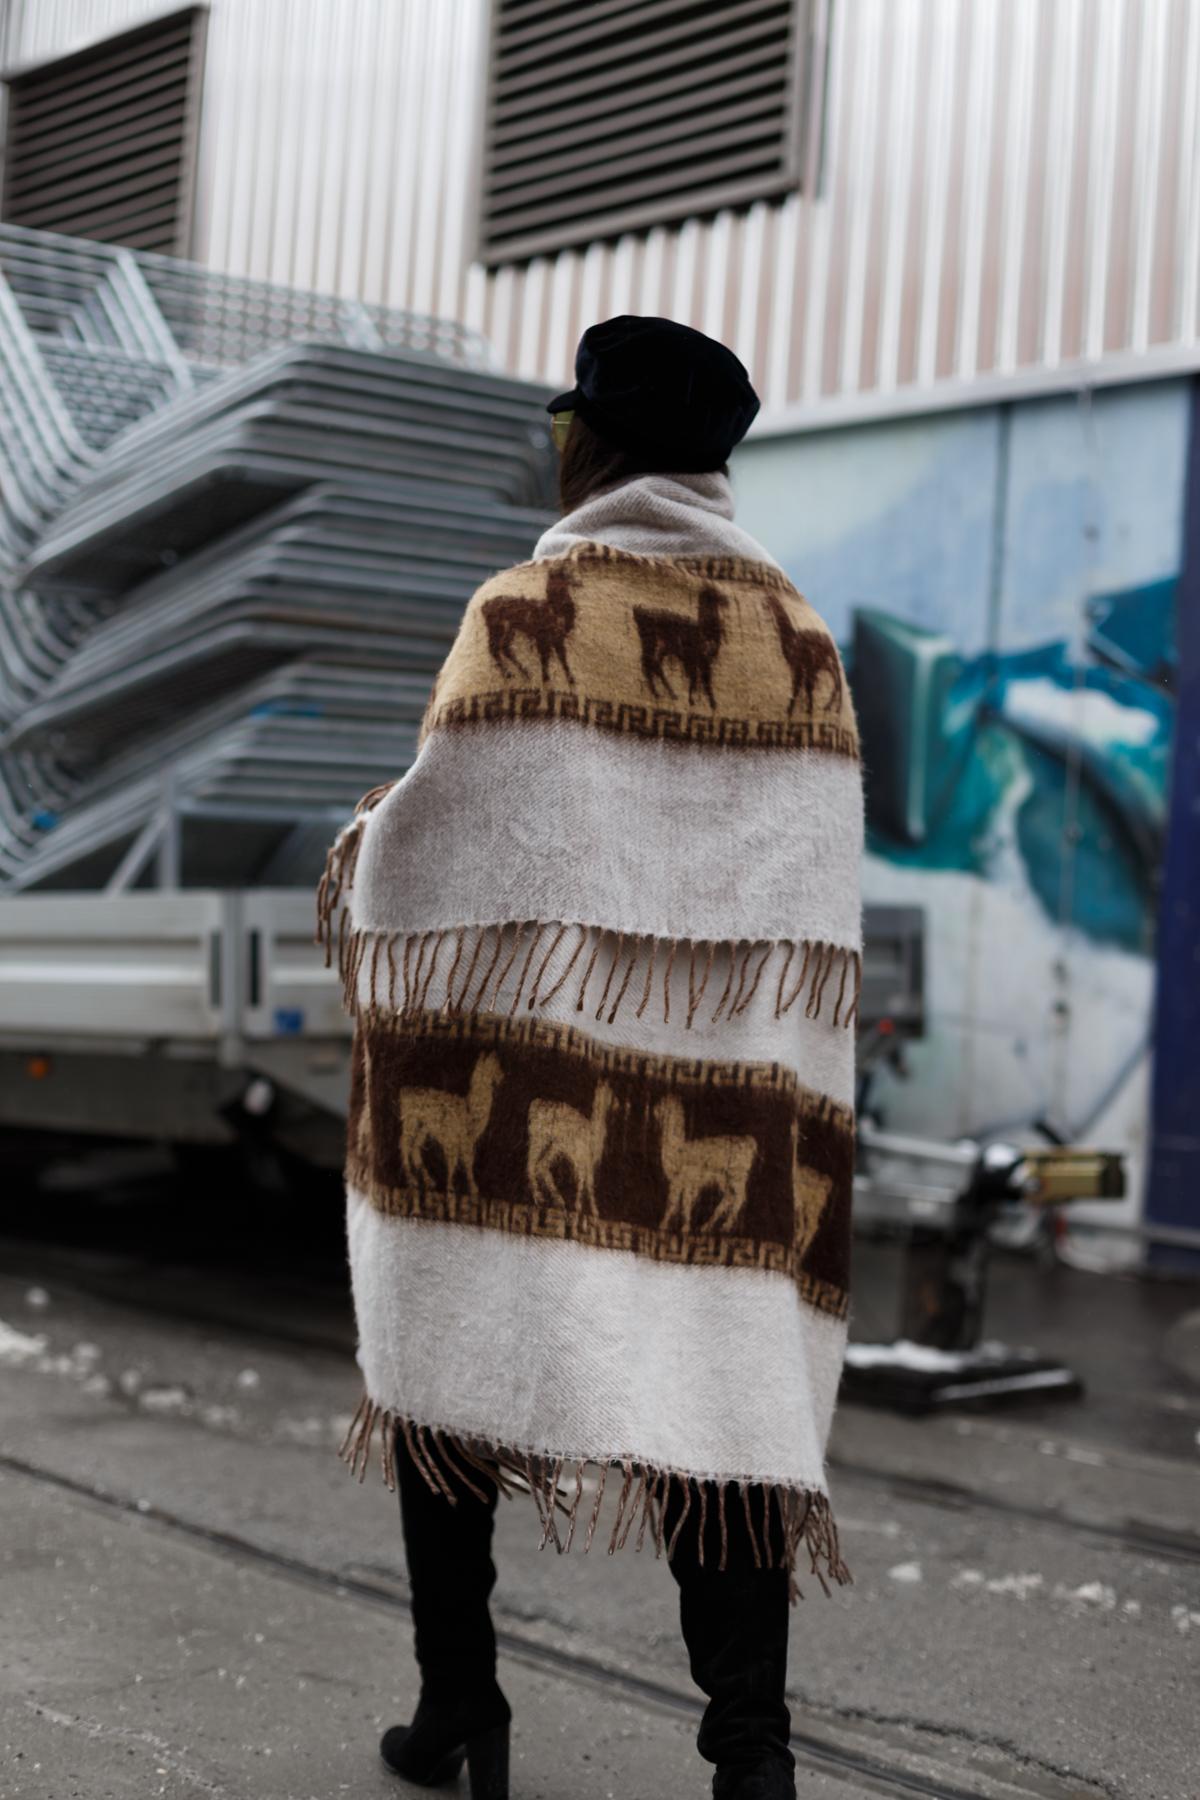 poncho - winterlook - werksviertel münchen - streetstyle - fashionblog münchen - blogger de - wildleder overkneestiefel - schirmmütze - retro brille gelb